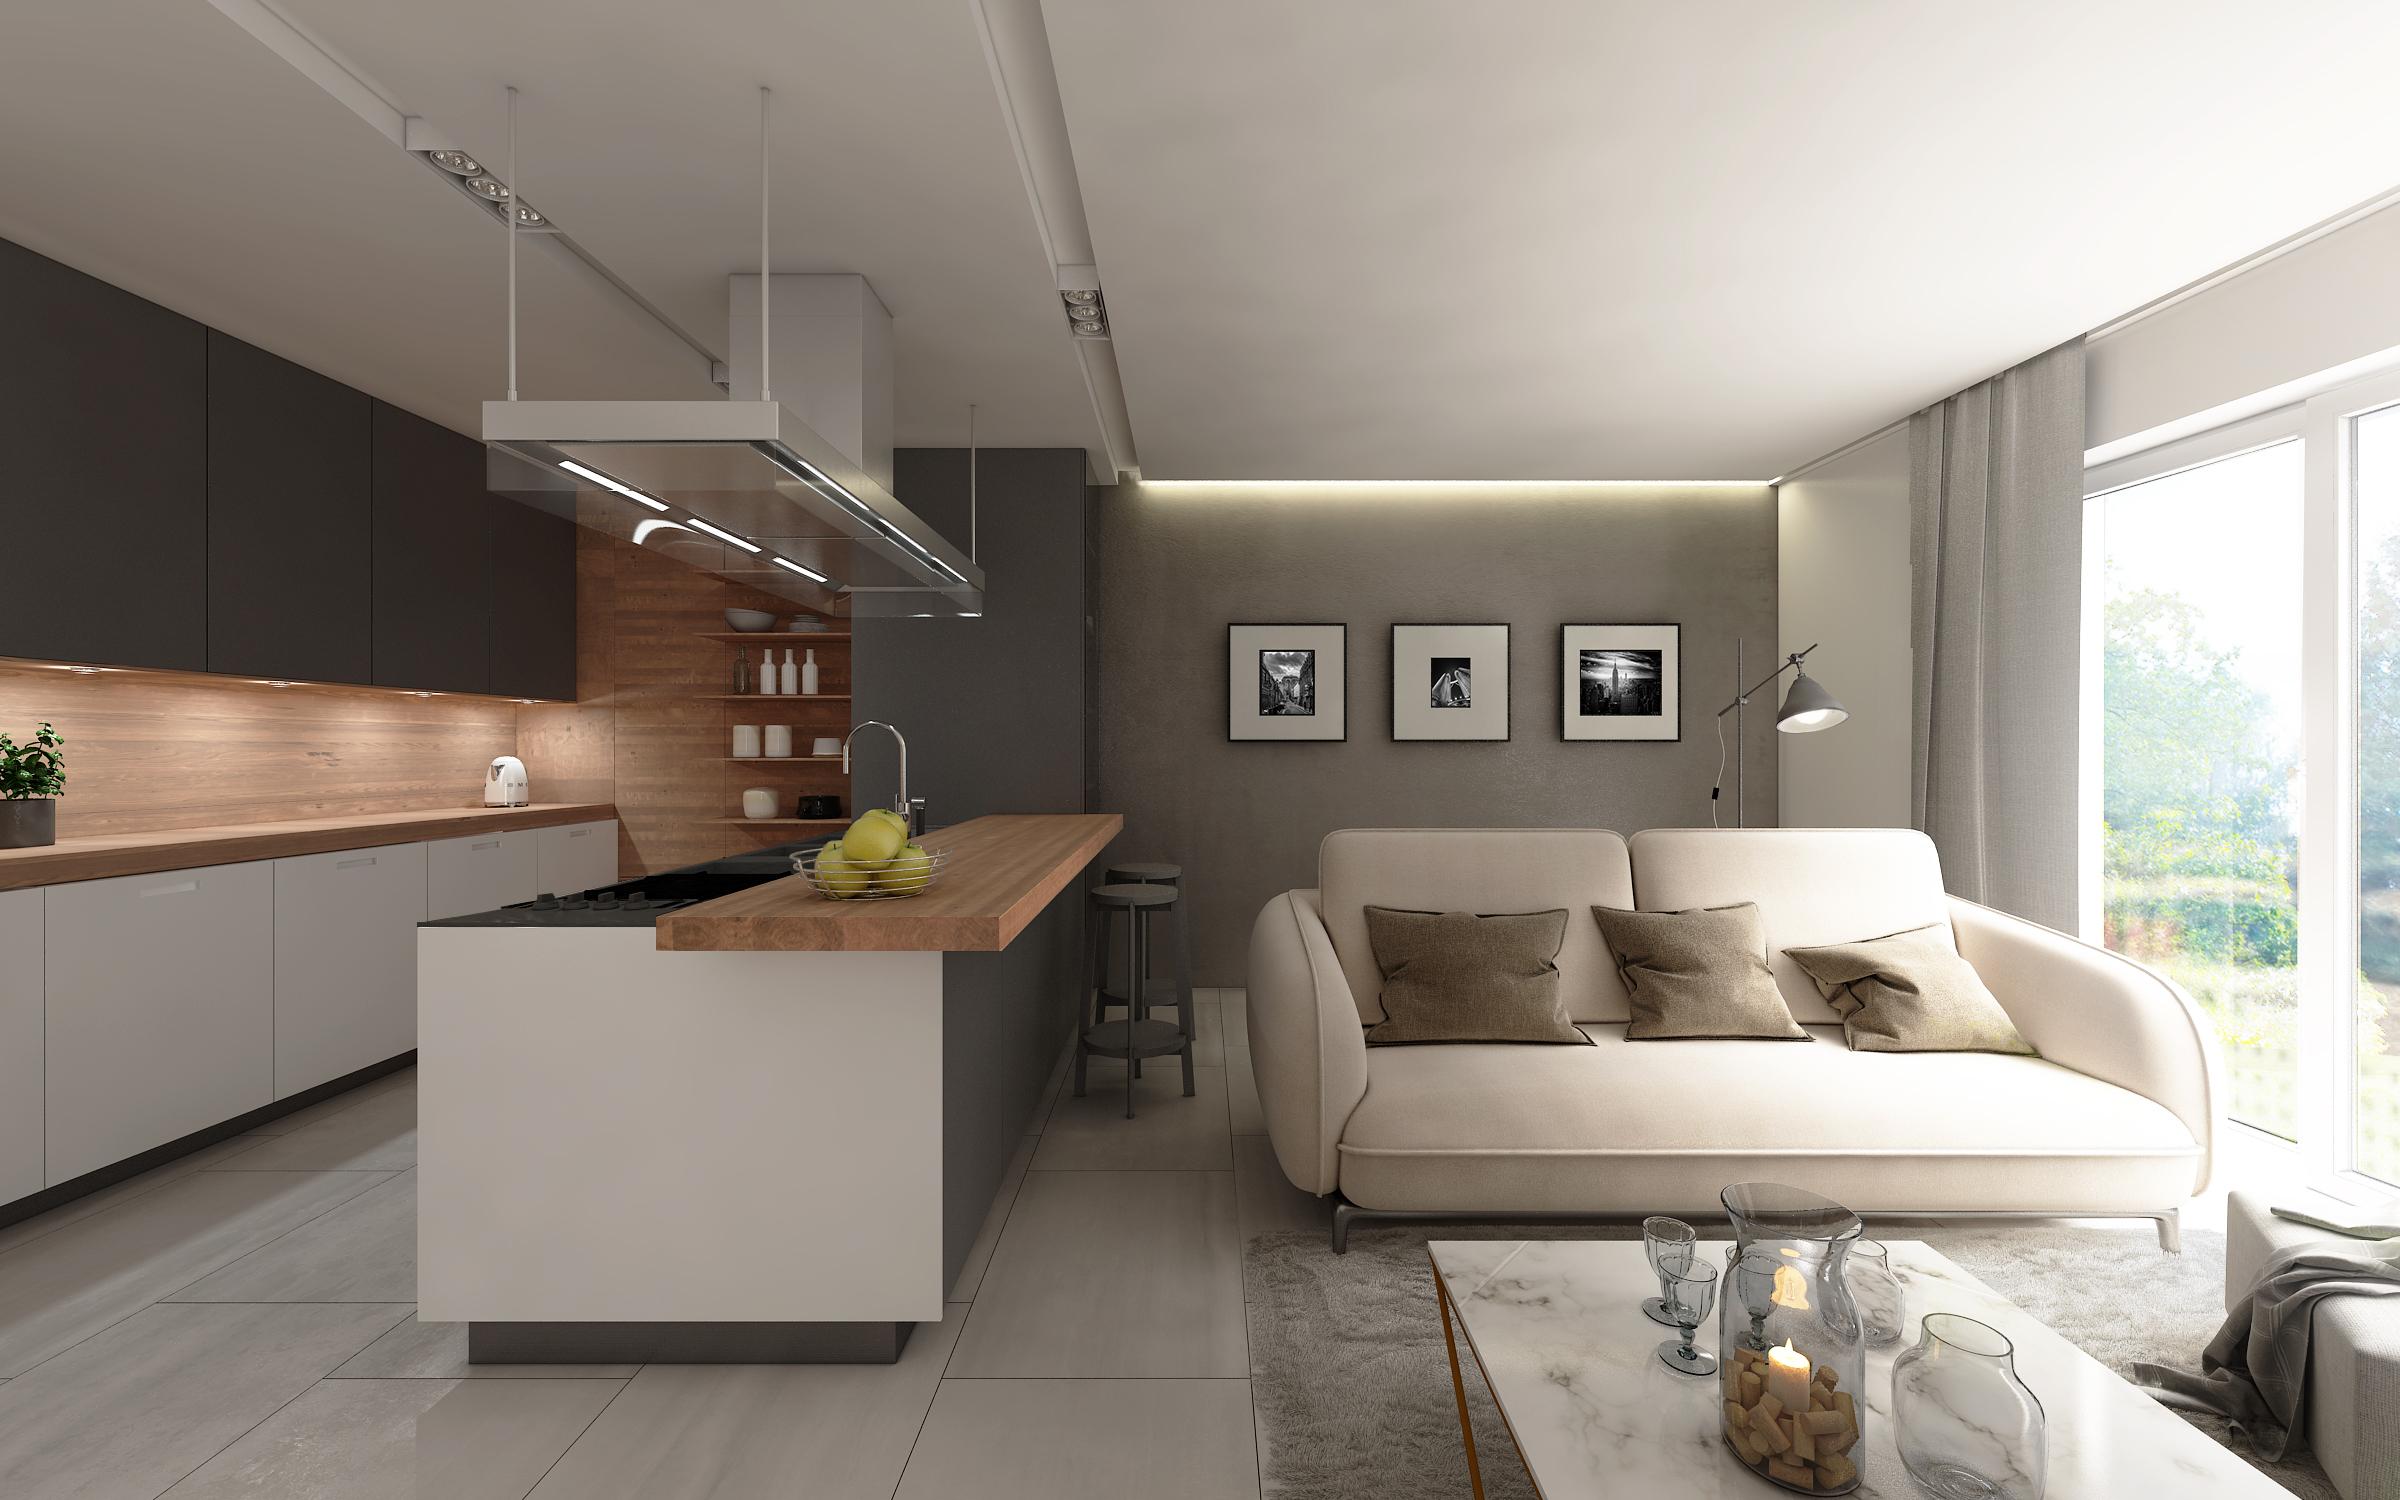 Mieszkania w szczecinie deweloper mak dom for 15 115 salon kosmetyczny opinie